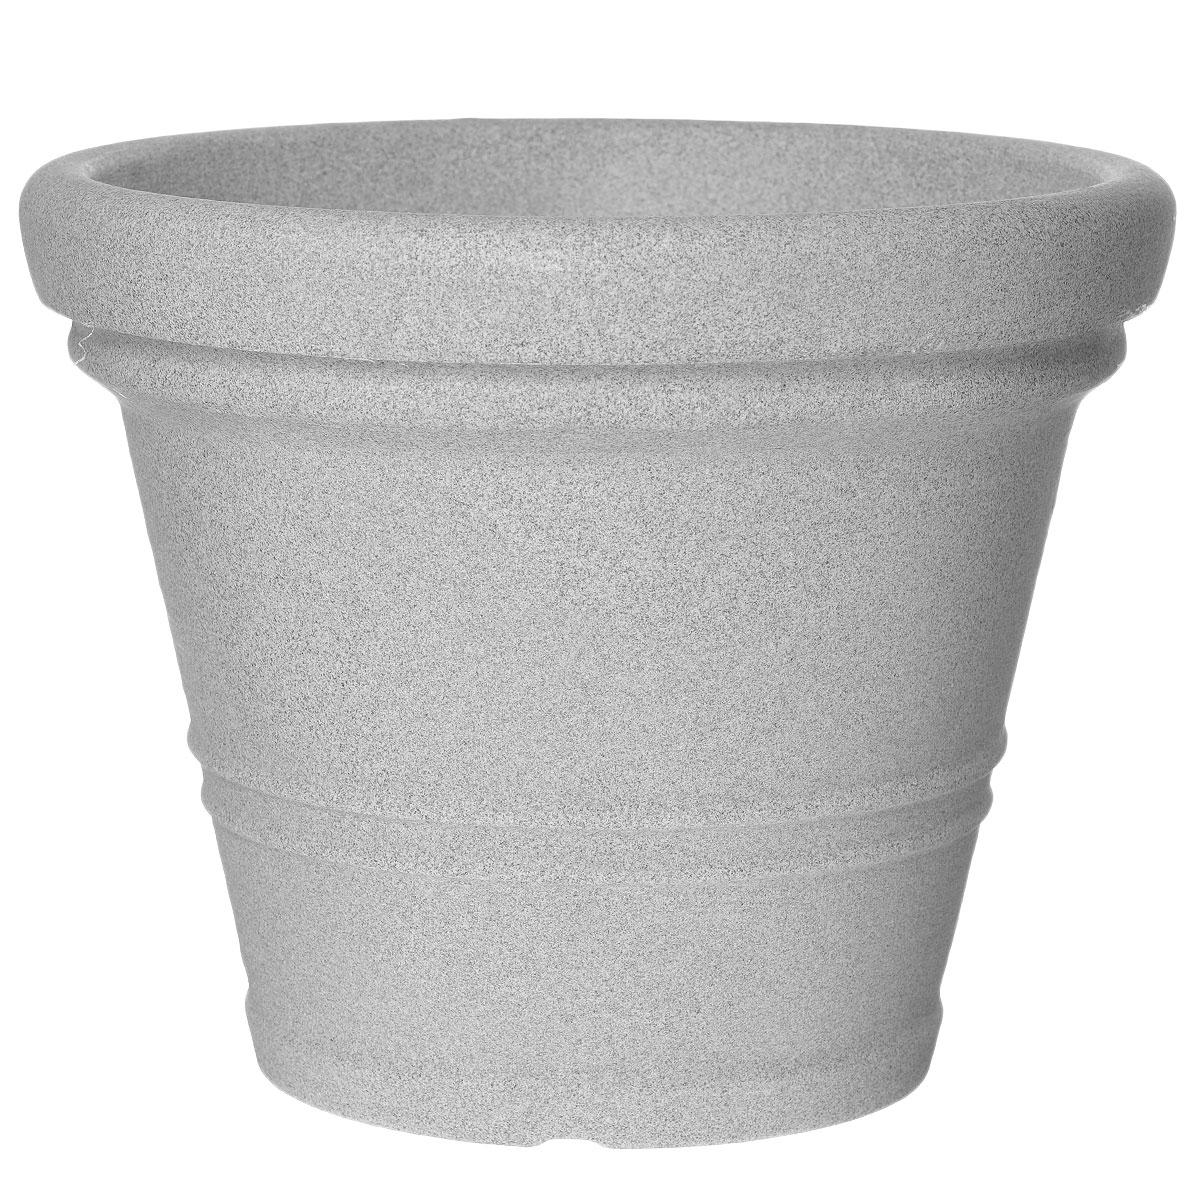 Кашпо для цветов Scheurich, цвет: светло-серый, диаметр 45 см53392SКашпо для цветов Scheurich выполнено из прочного пластика. Изделие предназначено для установки внутрь цветочных горшков с растениями.Такие изделия часто становятся последним штрихом, который совершенно изменяет интерьер помещения или ландшафтный дизайн сада. Благодаря такому кашпо вы сможете украсить вашу комнату, офис, сад и другие места.Диаметр: 45 см.